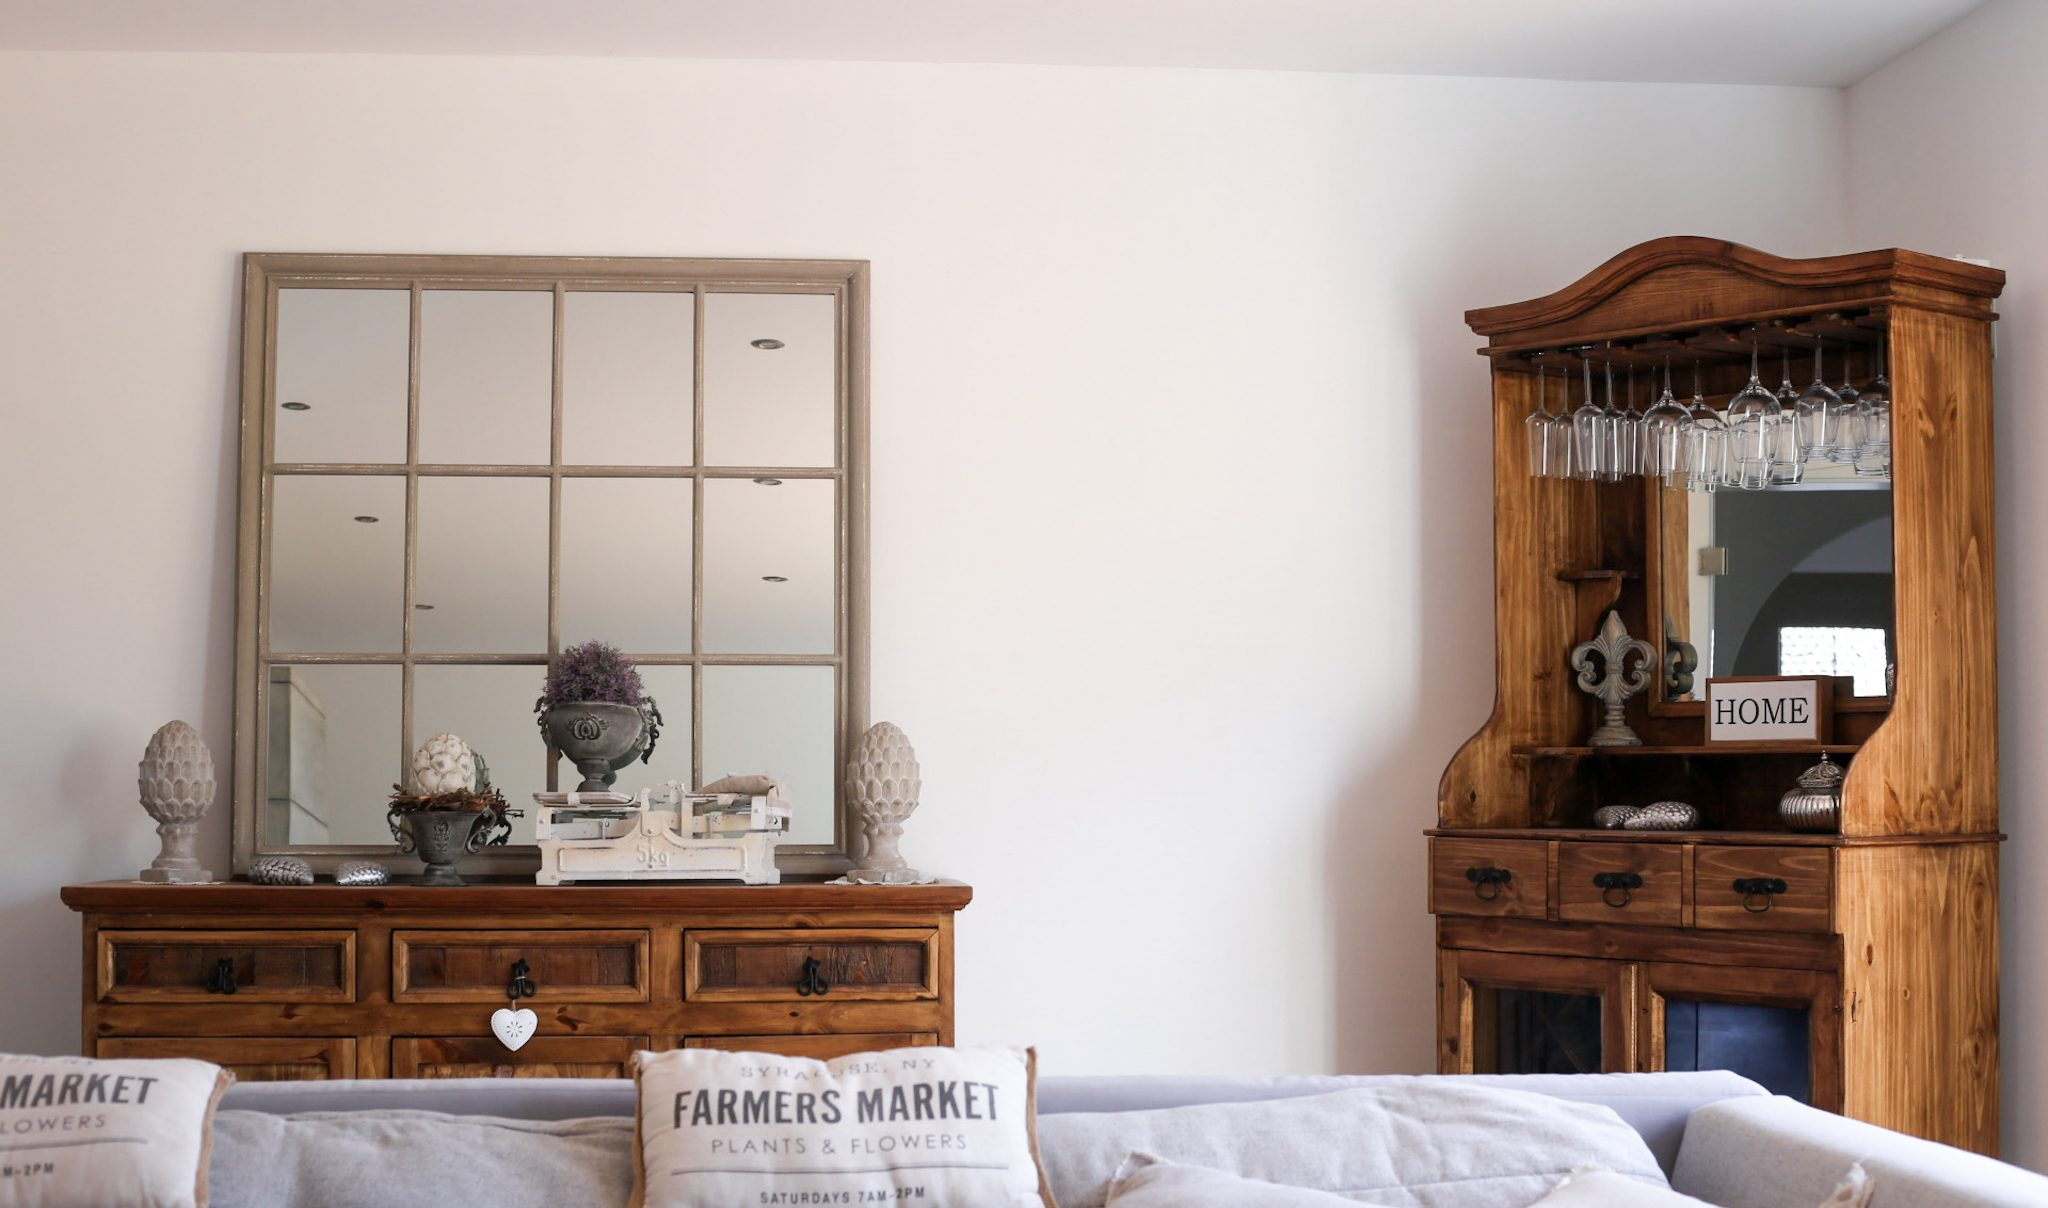 Mehr Leben im Wohnzimmer mit dem Barschrank Mexiko von Möbel Billi Interieur Interior Einrichtung Haus Hausbau Haussanierung Umbau Renovieren Renovierung Vorher/Nachher Sanierung